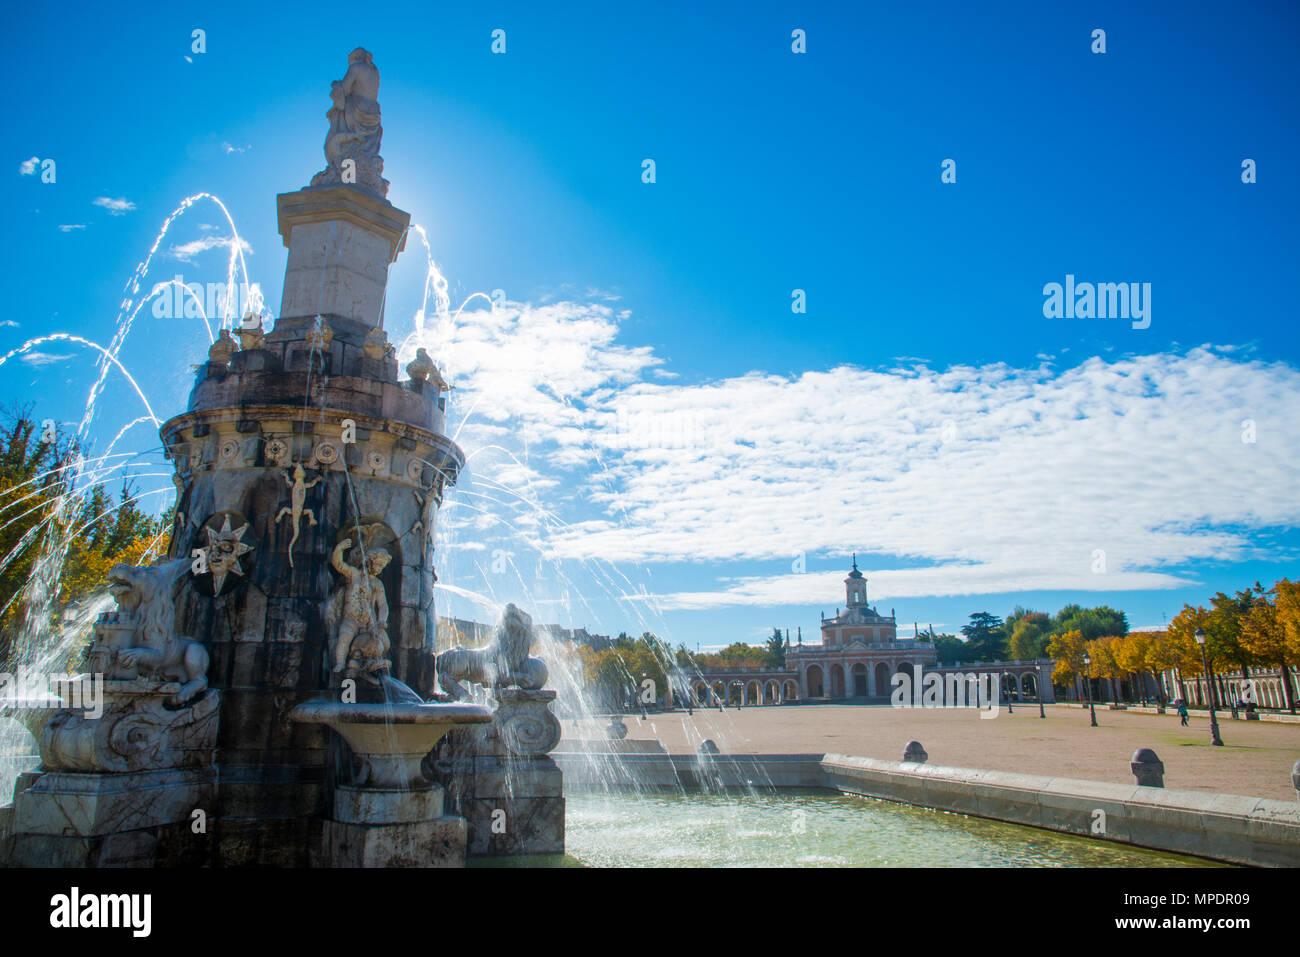 Fountain at San Antonio Square. Aranjuez, Madrid province, Spain. - Stock Image